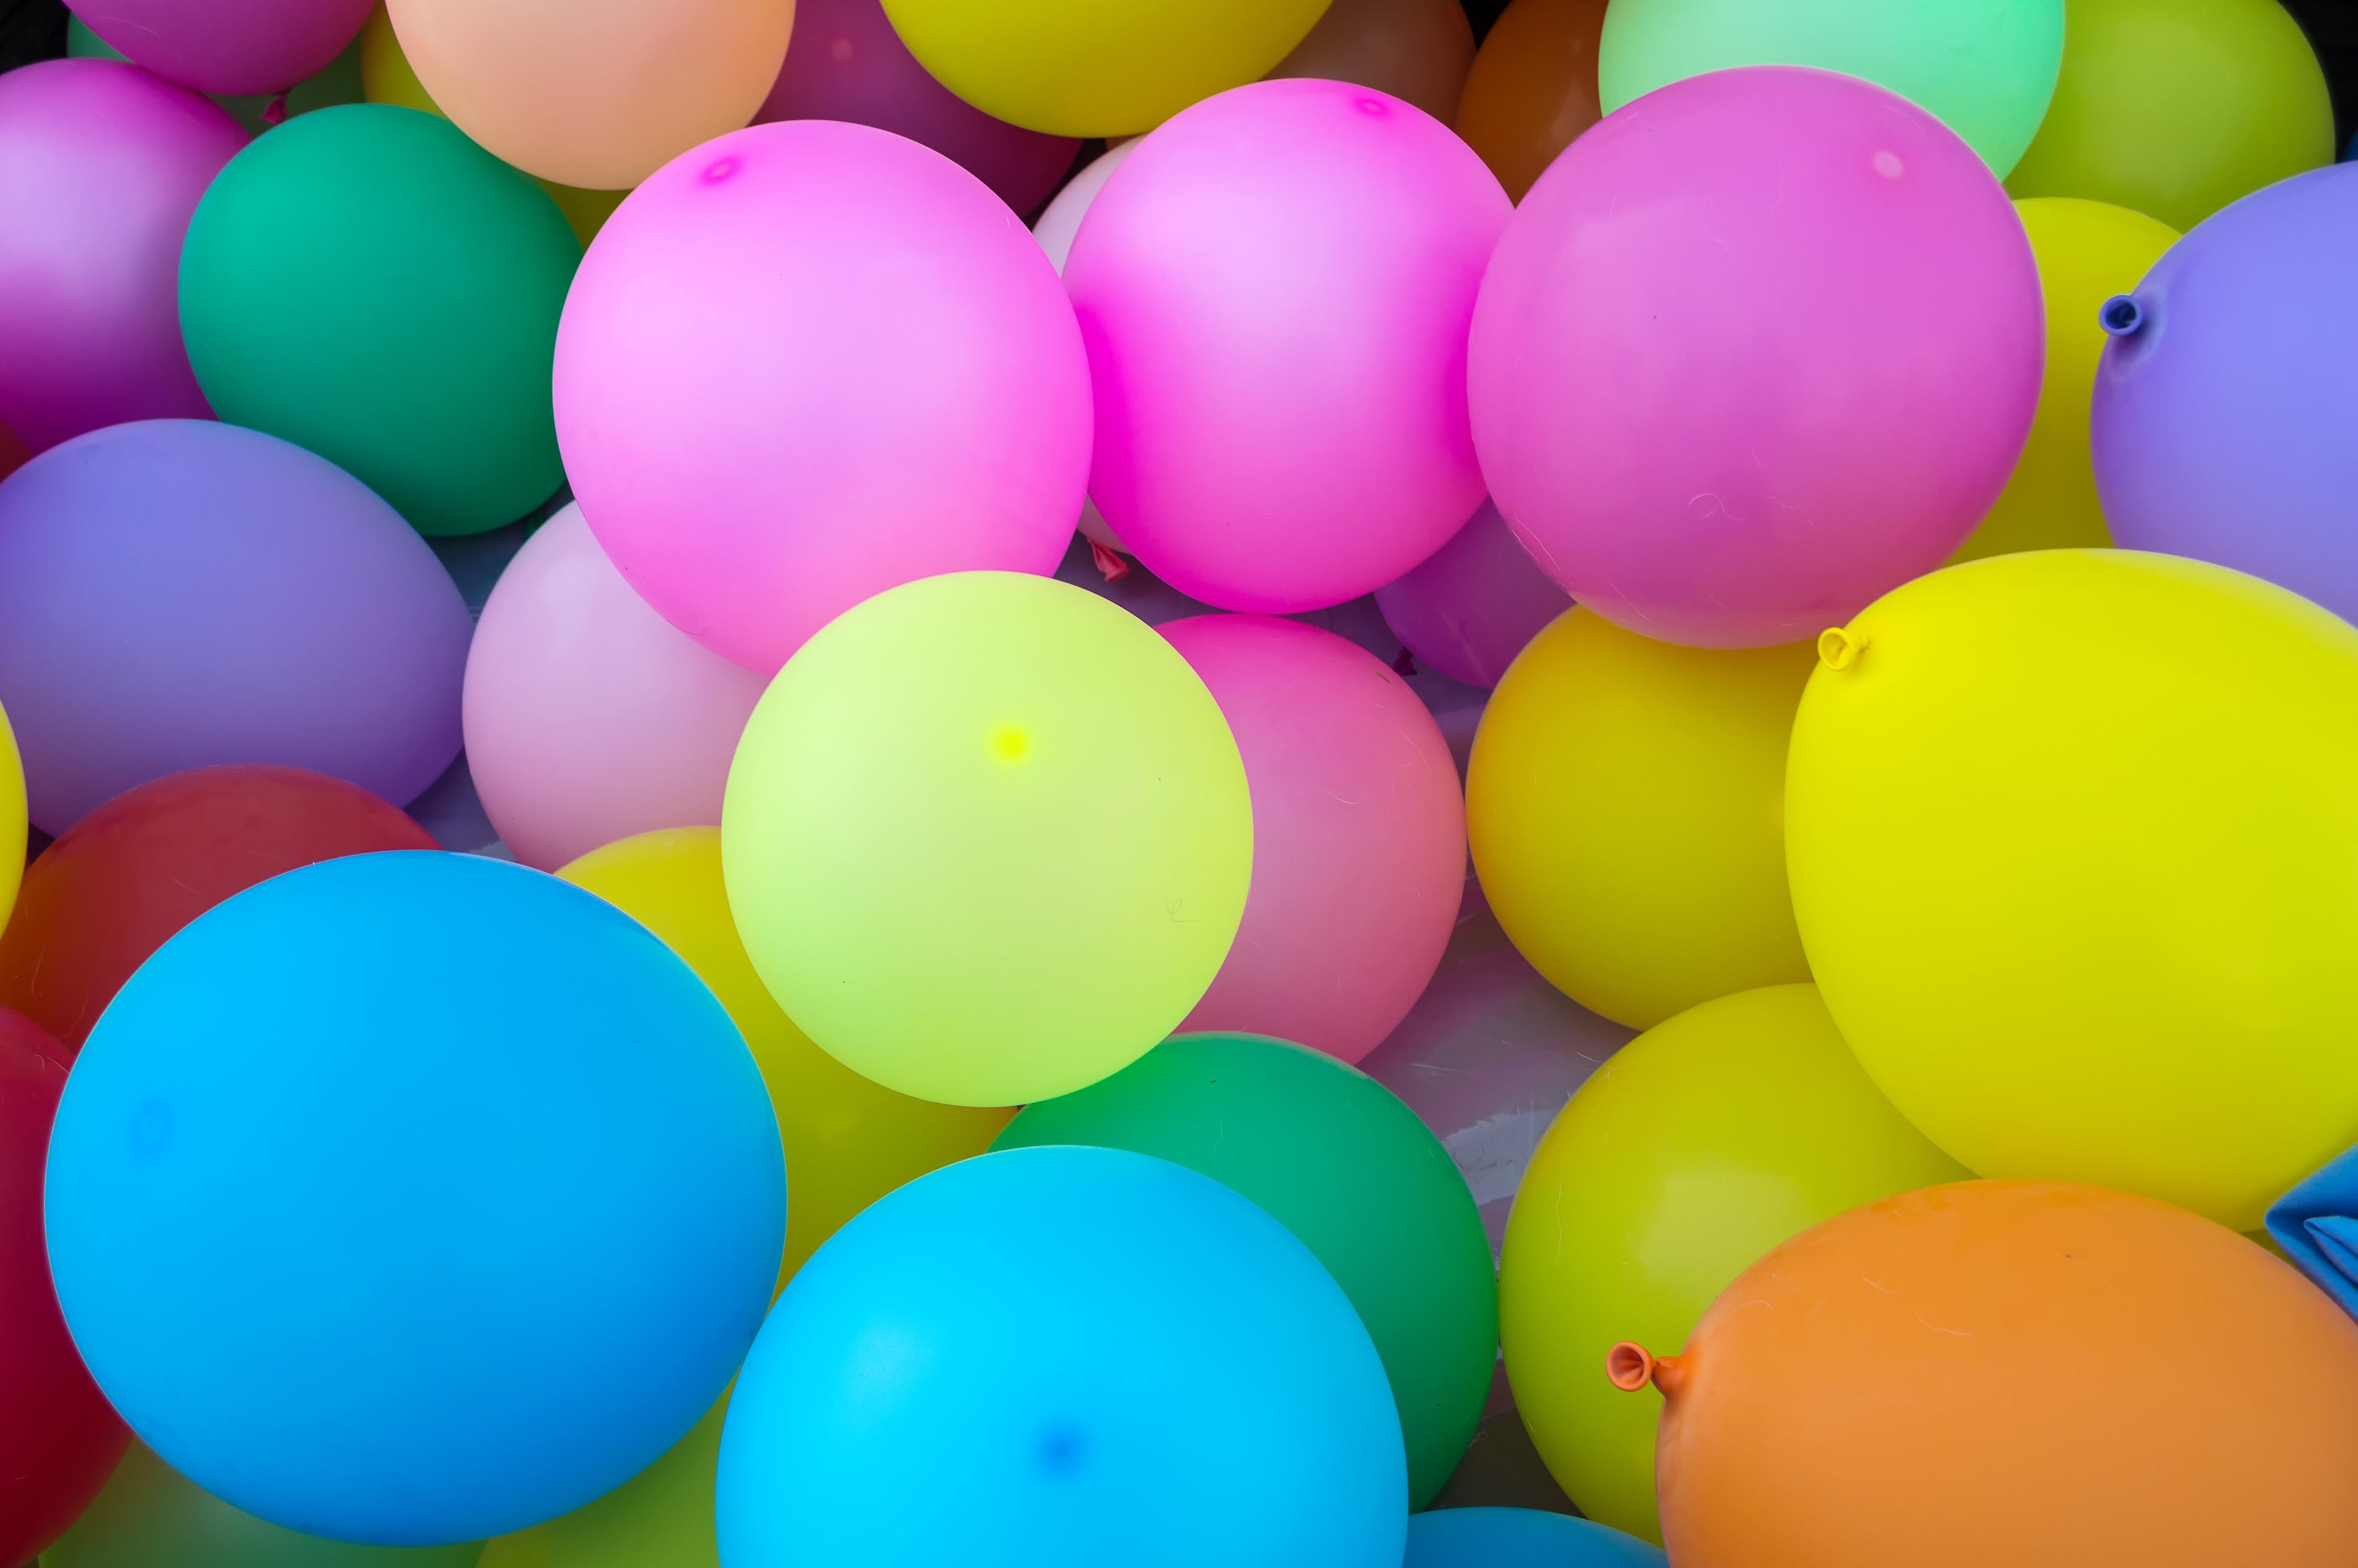 Fotos gratis : jugar, globo, juguete, circulo, pelota, Fiesta de los ...